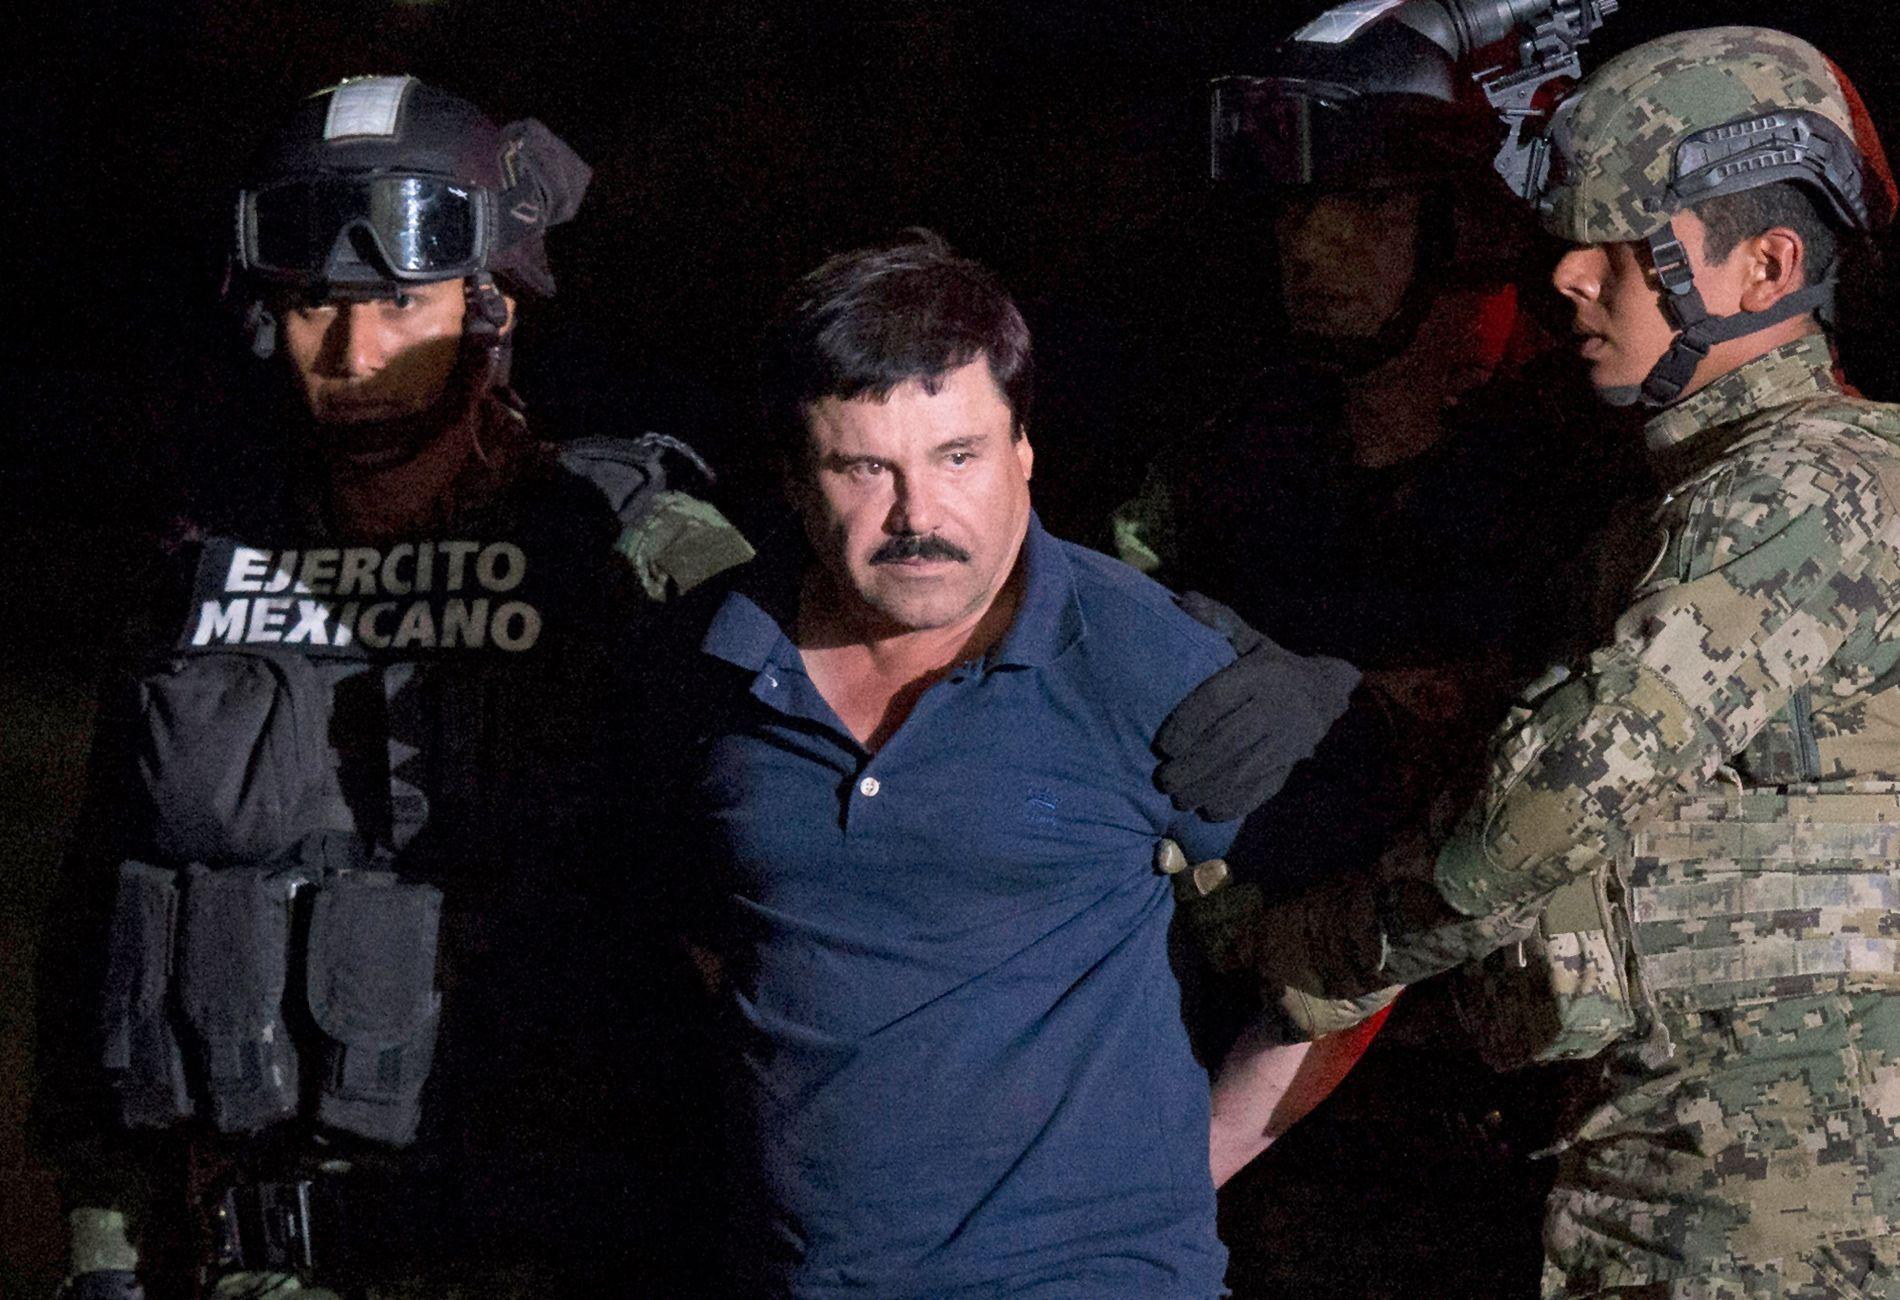 TATT I 2016: Joaquin «El Chapo» Guzman» ble pågrepet i Mexico city i januar 2016. Da hadde han vært på rømmen i seks måneder, etter å ha rømt fra høysikkerhetsfengsel for andre gang.